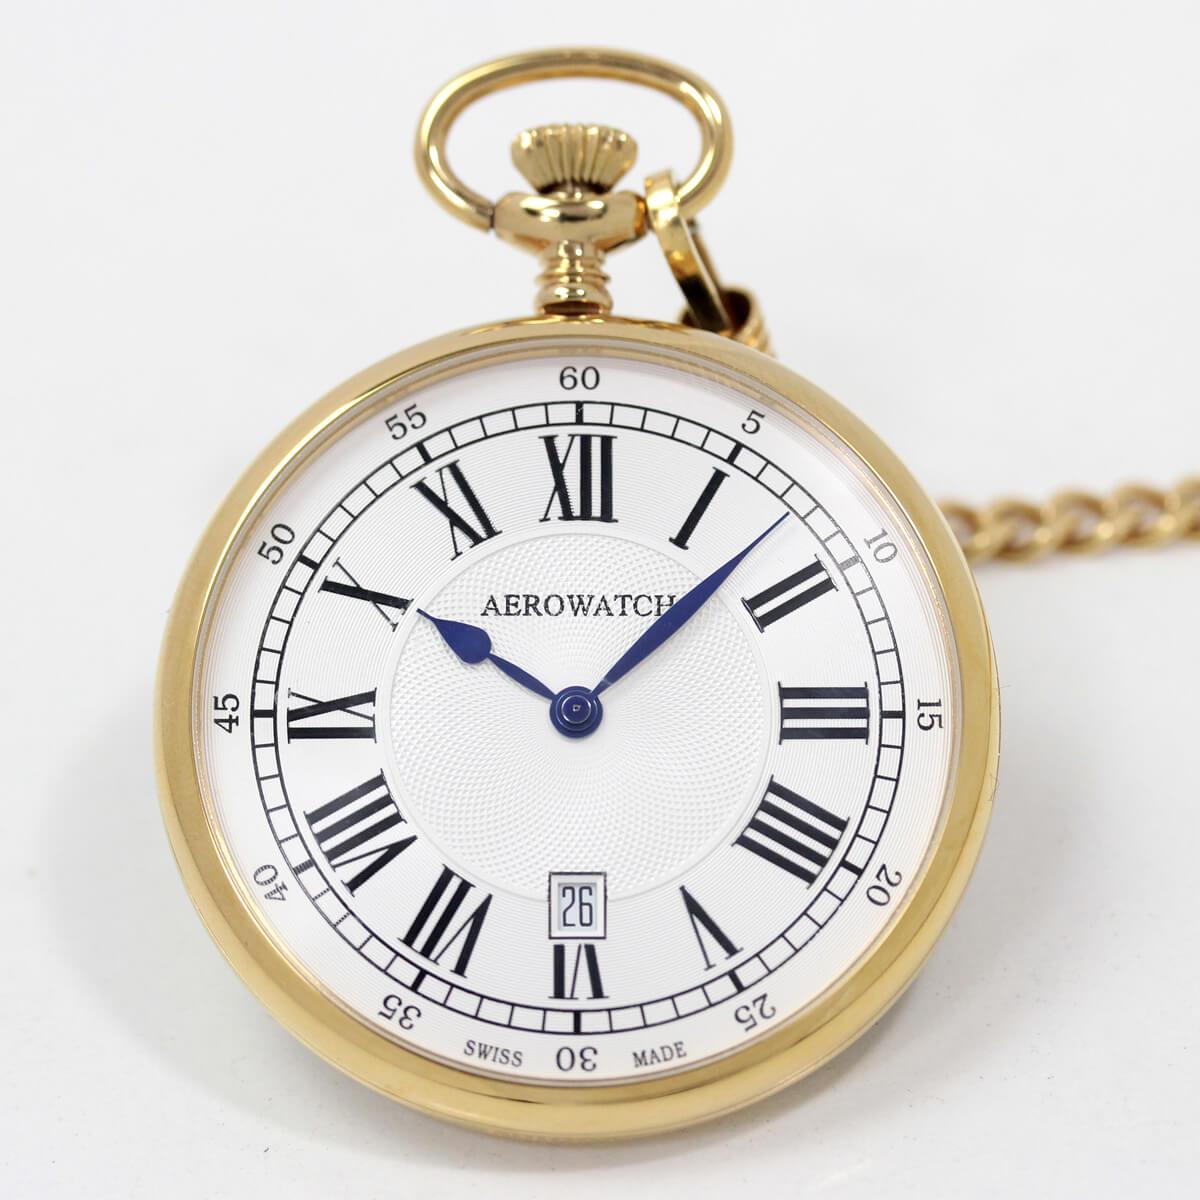 aero(アエロ)のクォーツ懐中時計 25611j201 ゴールドカラー